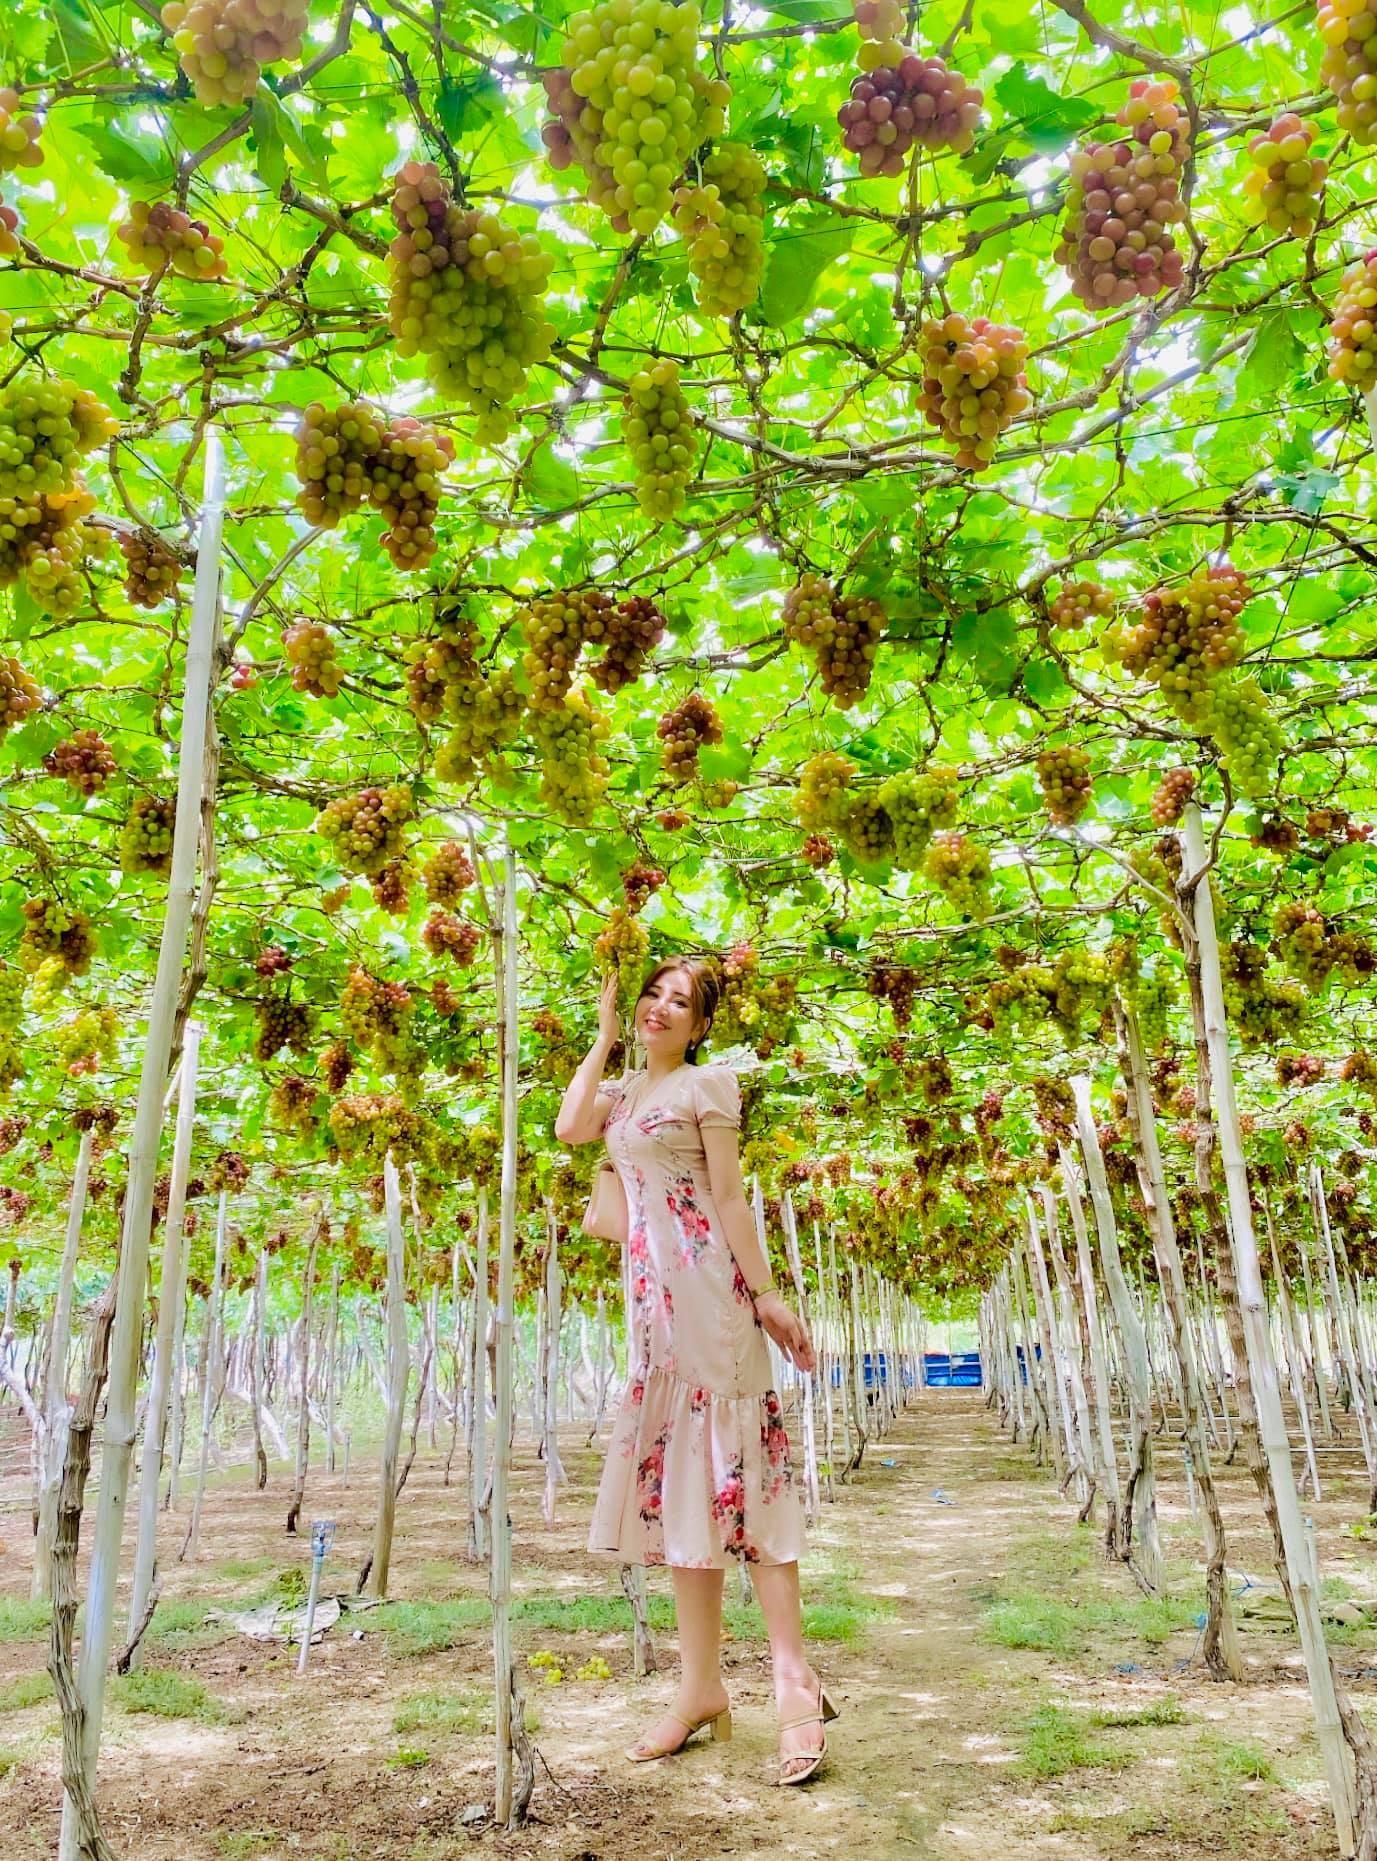 Tour du lịch Nha Trang từ TP HCM: Thưởng ngoạn mỹ cảnh tại hòn ngọc Việt  - Ảnh 11.